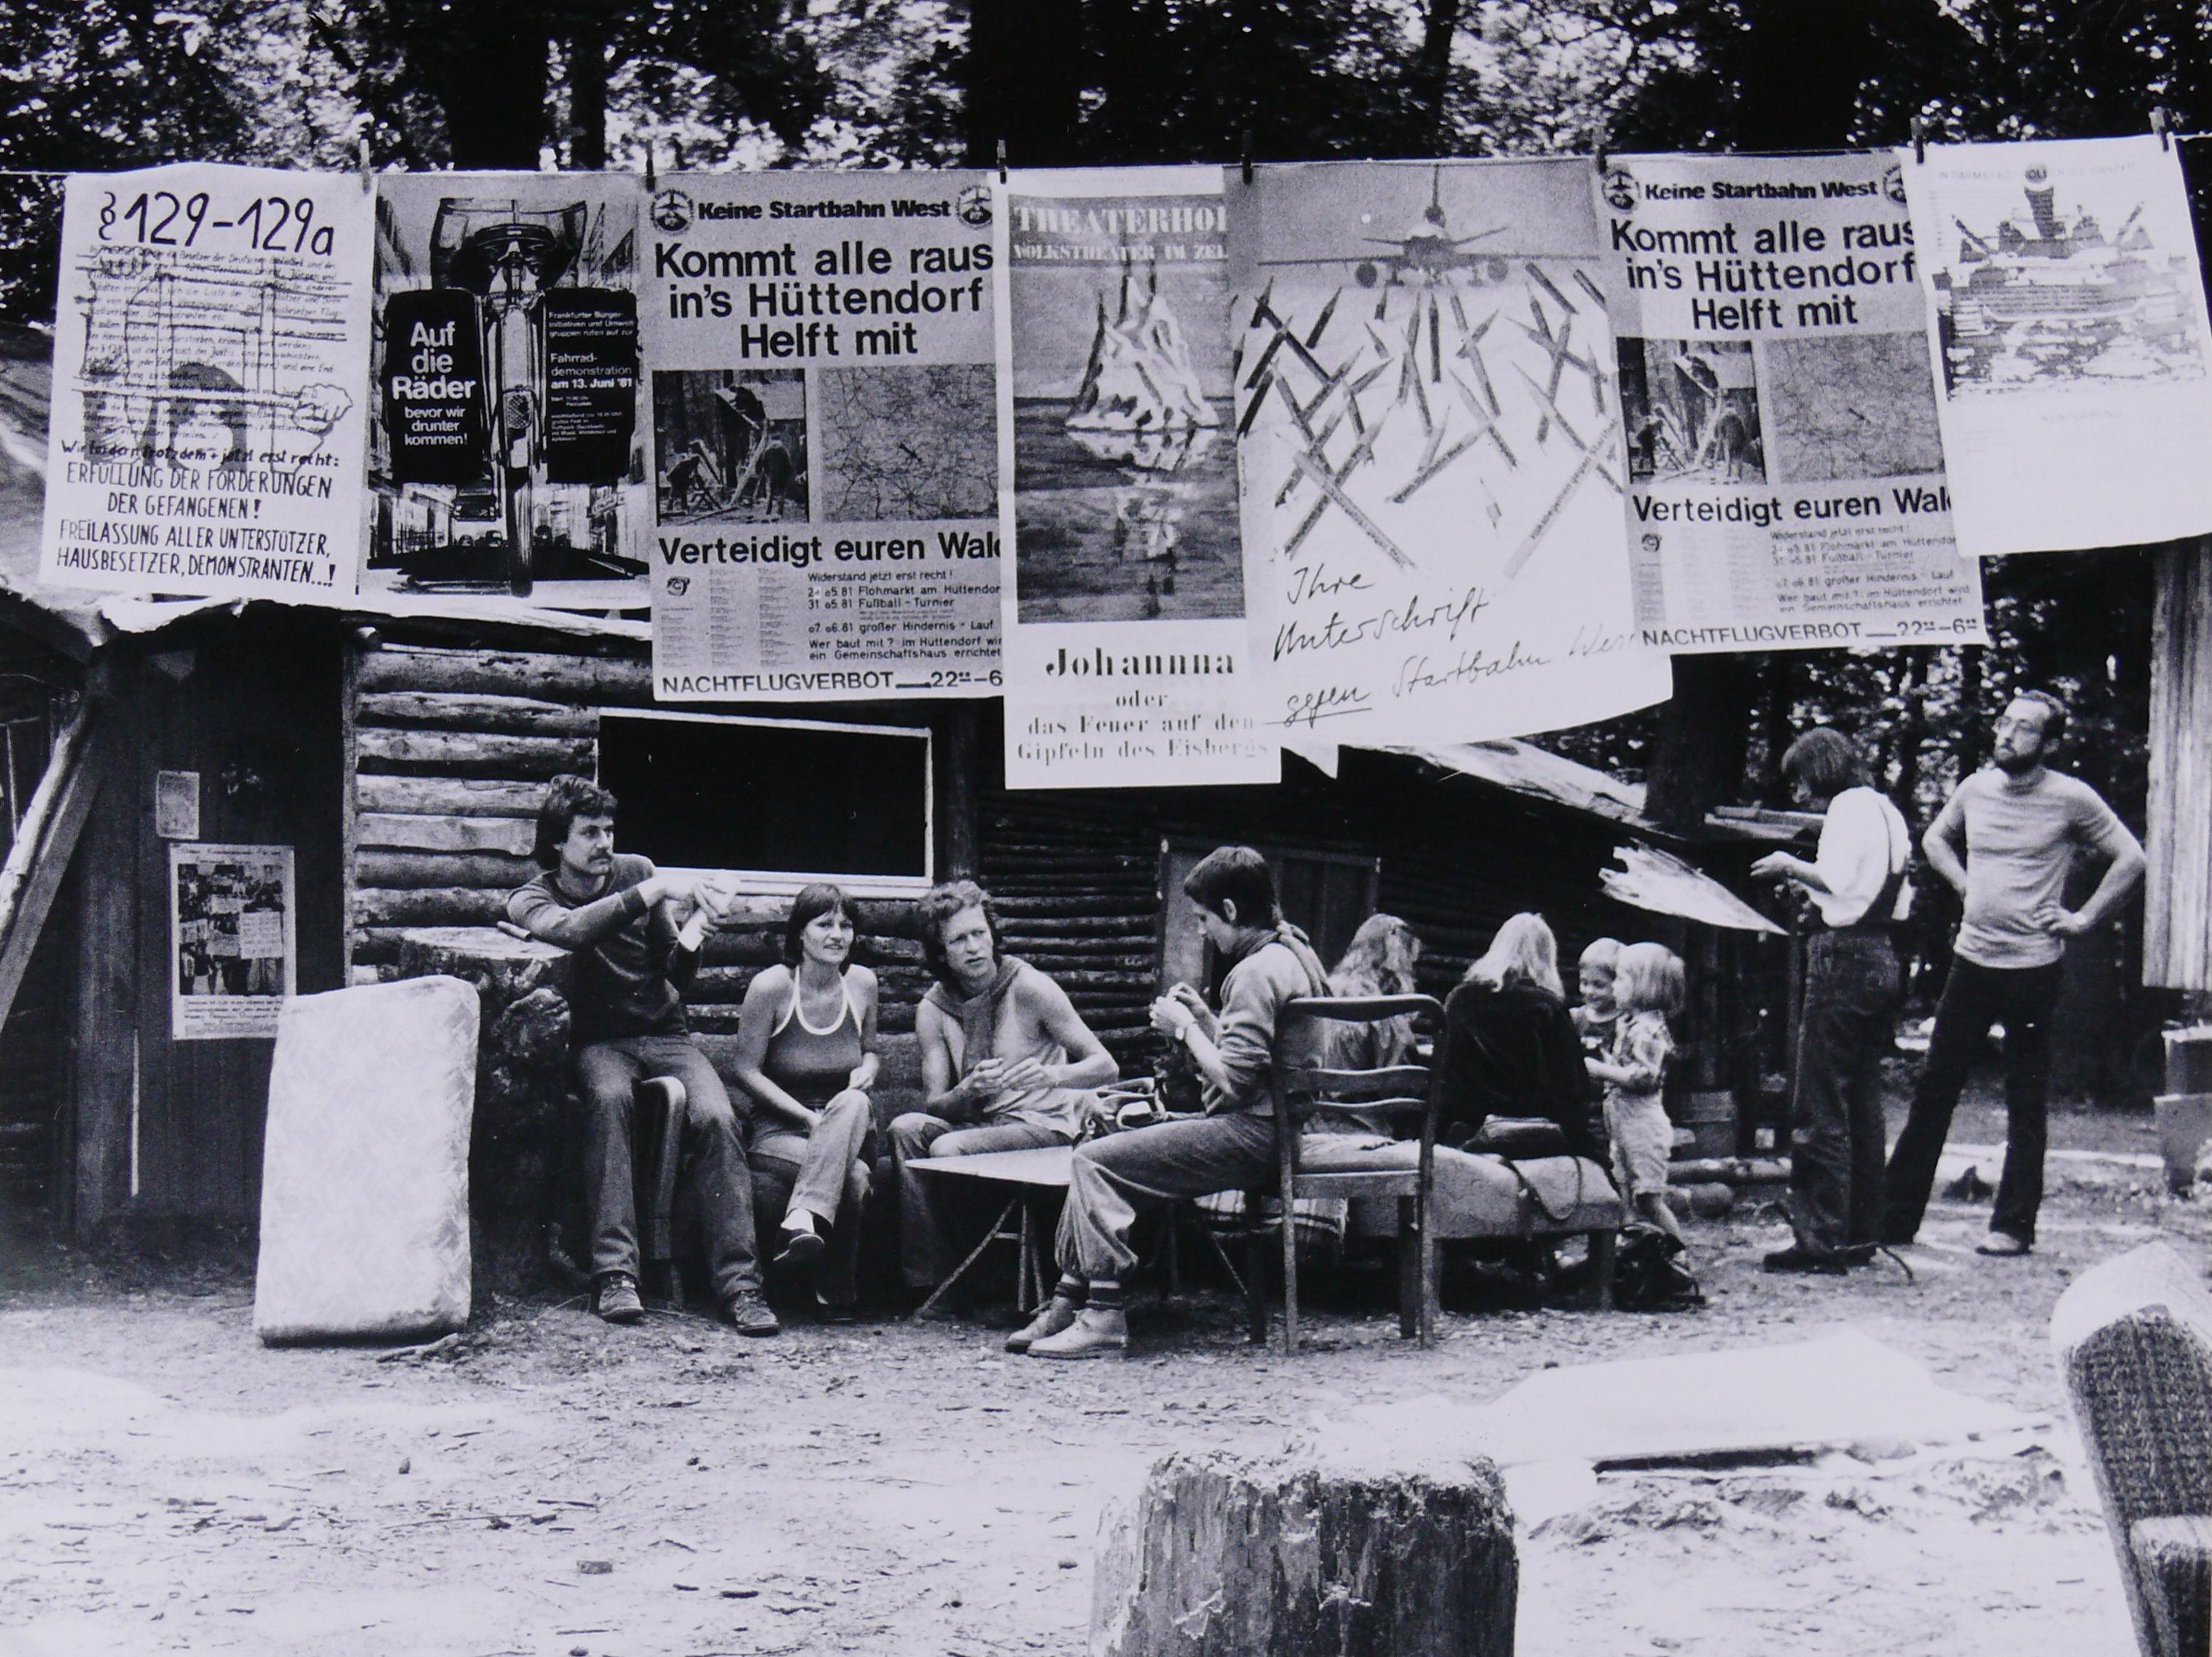 Das Foto zeigt eine Szene aus dem Hüttendorf, Proteste gegen die Startbahn West 1981